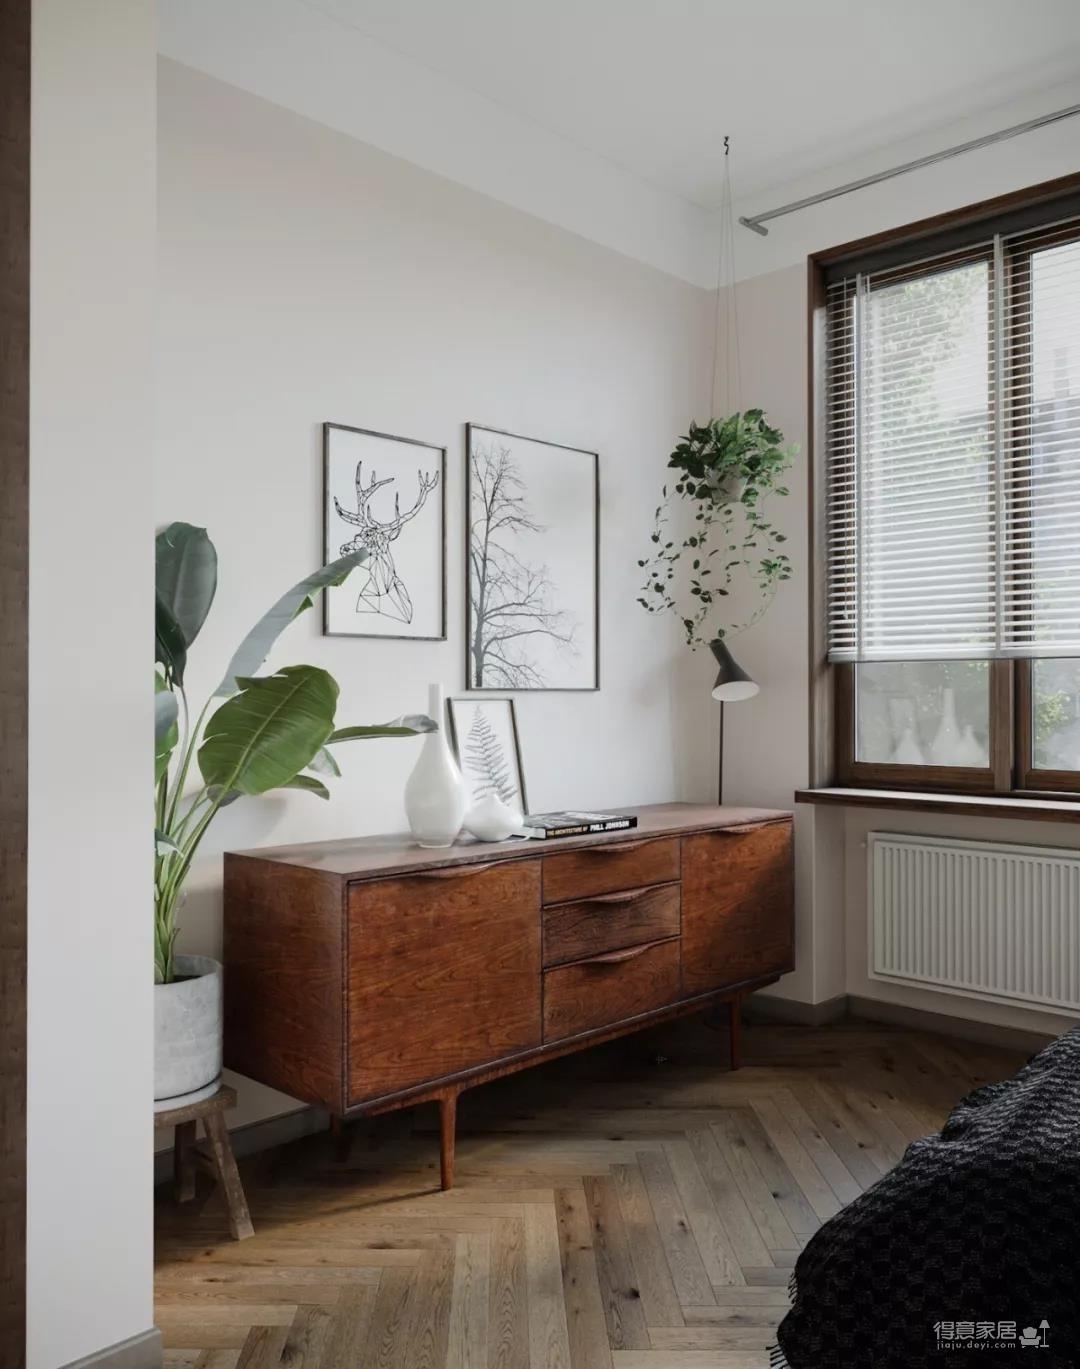 一室一厅的简约设计小宅,合理利用空间,小家瞬间大两倍!图_5